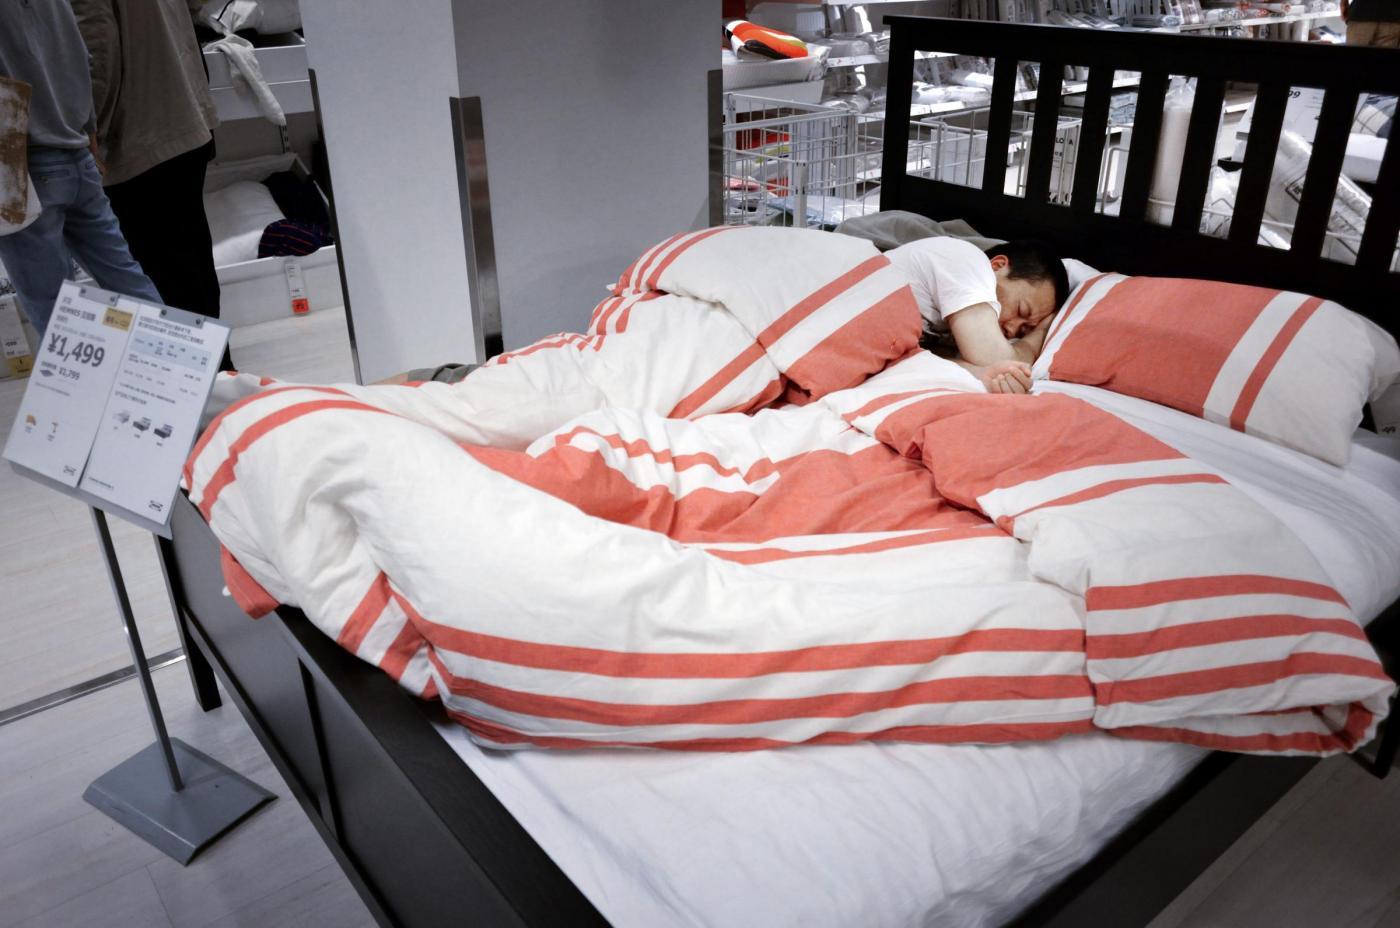 Dodicenne scappa di casa e vive all'Ikea per una settimana